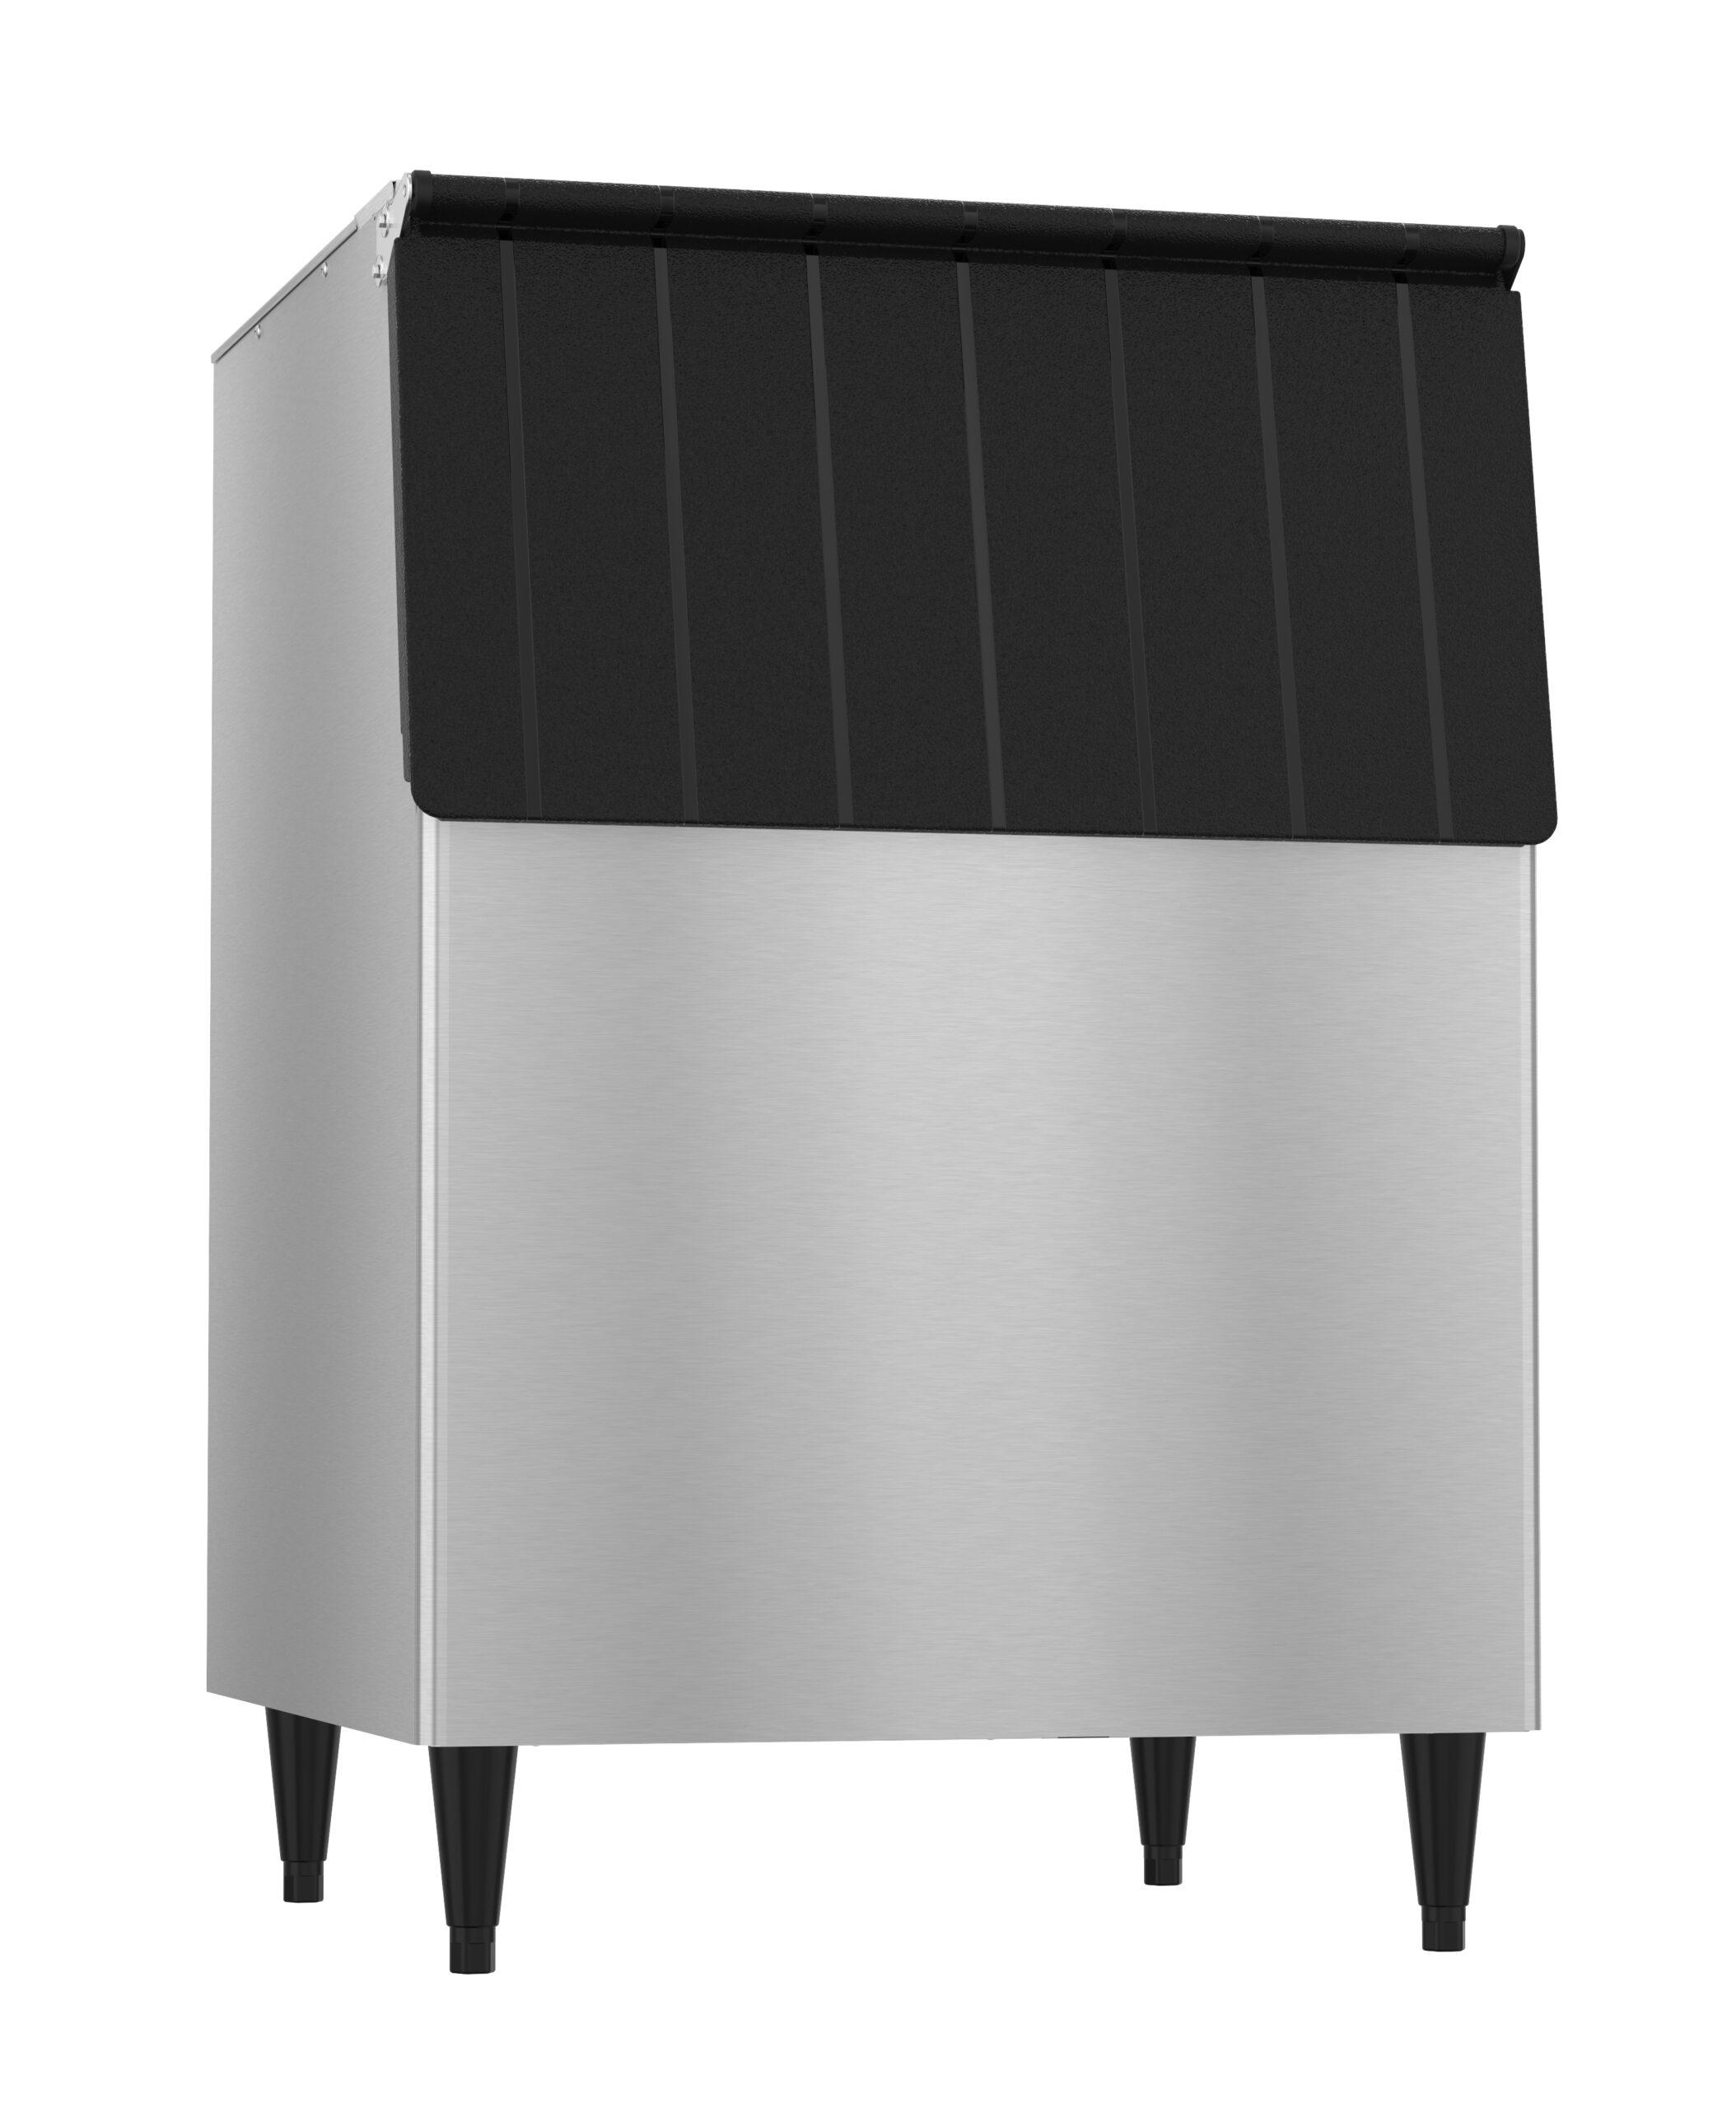 Hoshizak iBD-500SF,  500lb bin